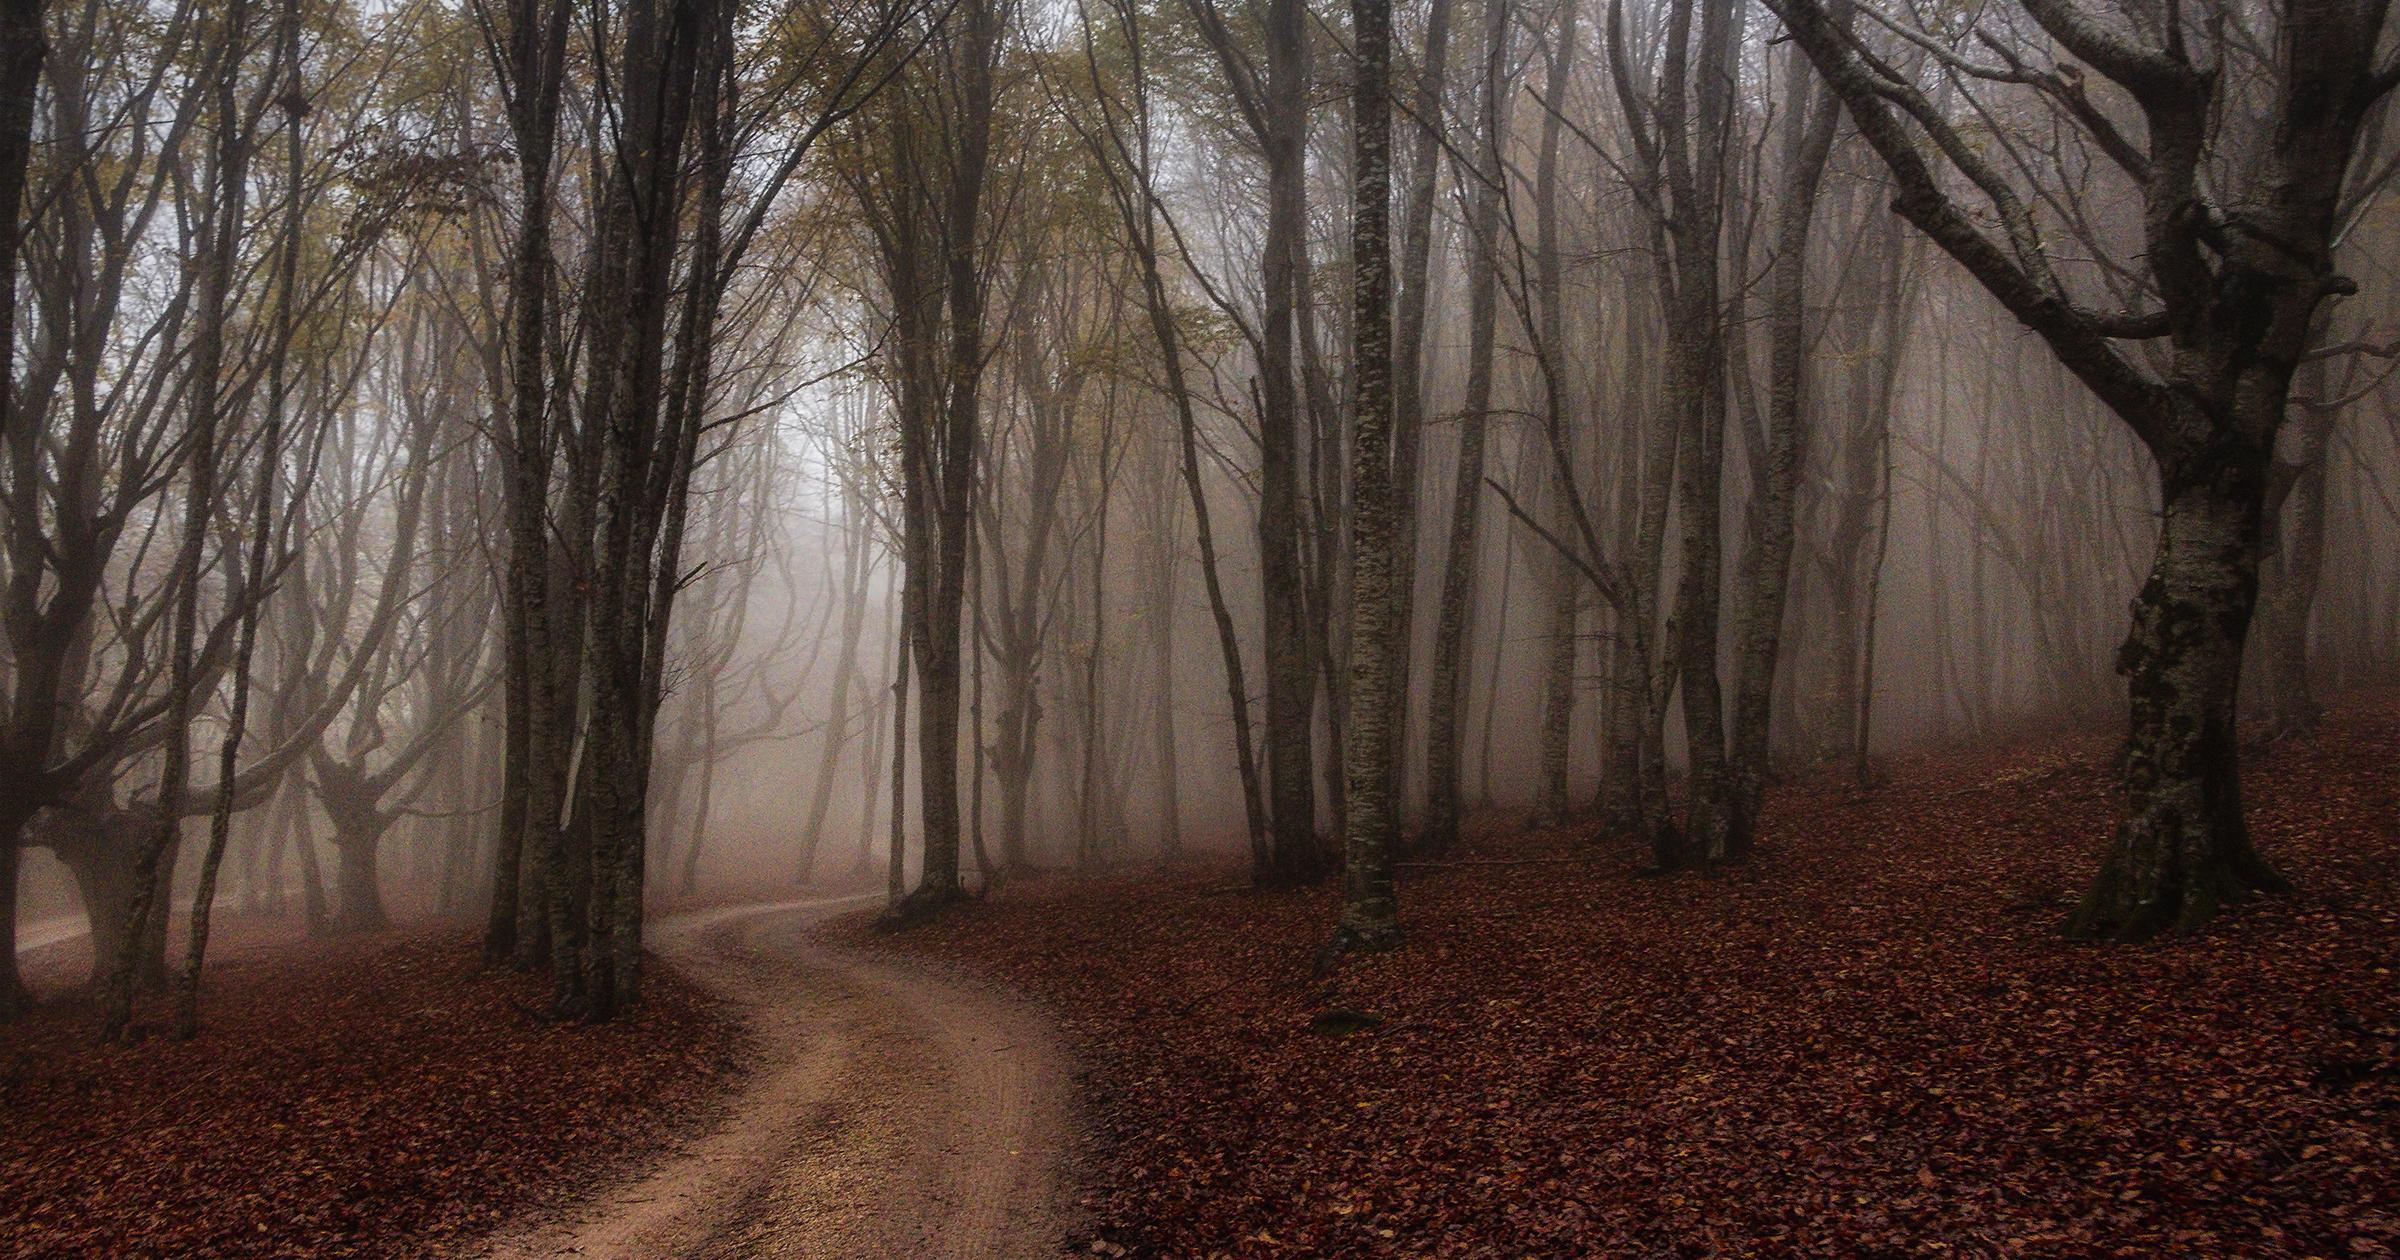 Il paesaggio forestale e  la miseria del ceduo